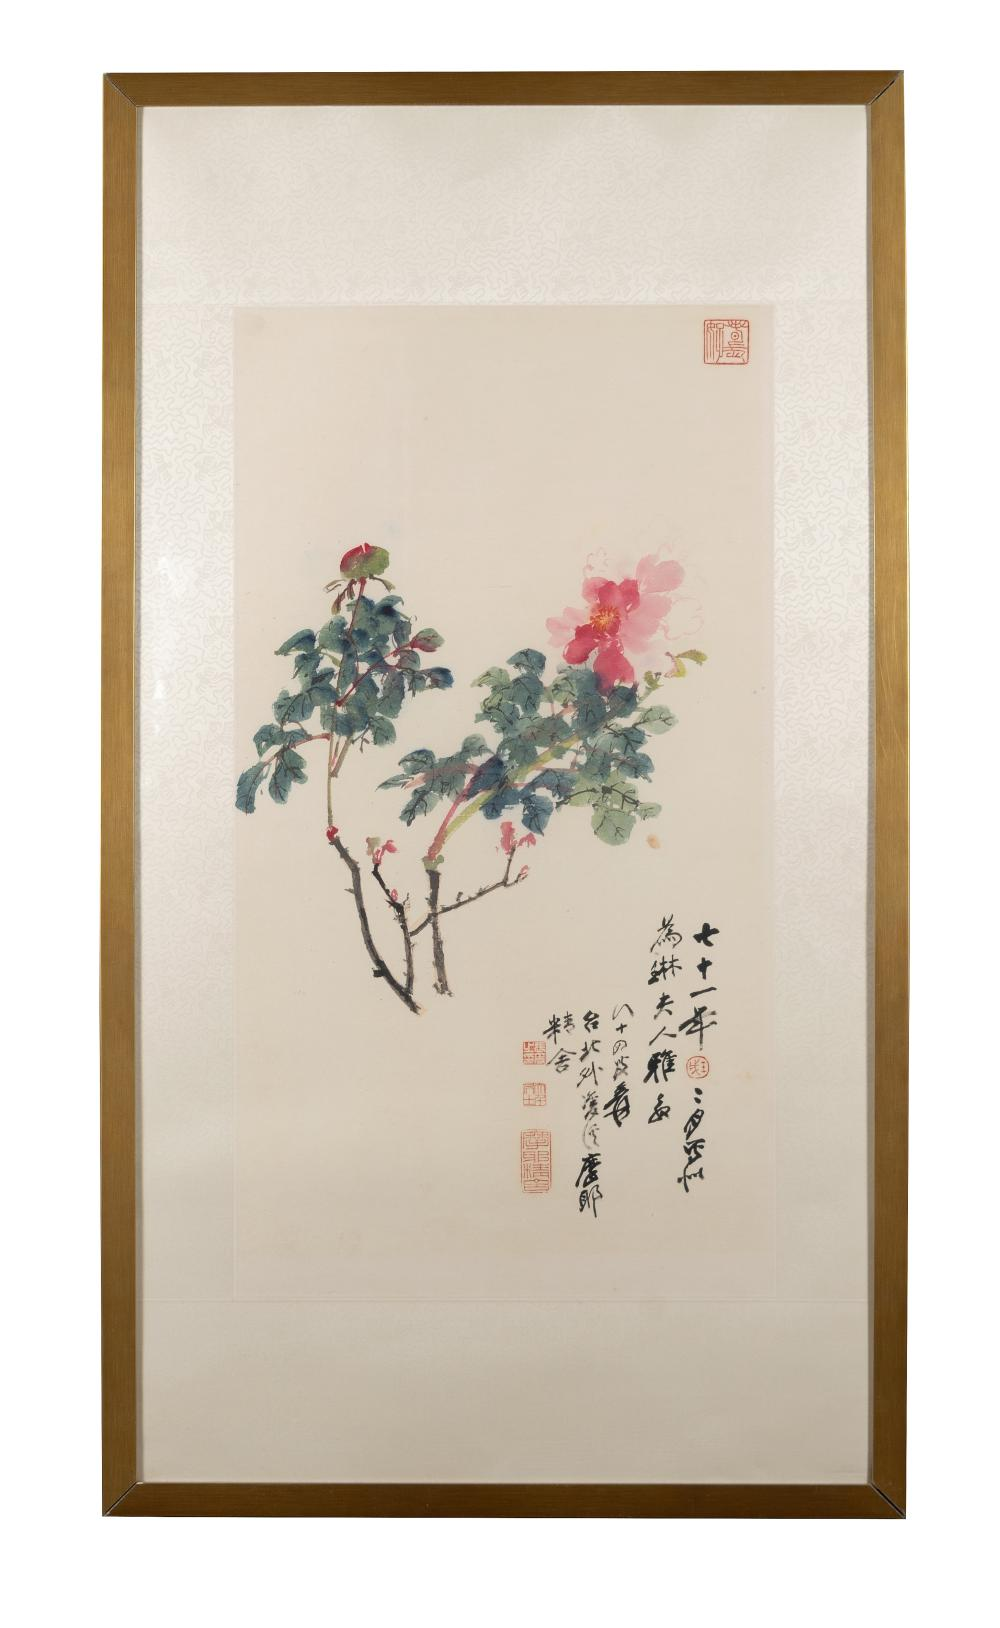 FLOWER PAINTING, ZHANG DAQIAN GIVEN TO WEILING